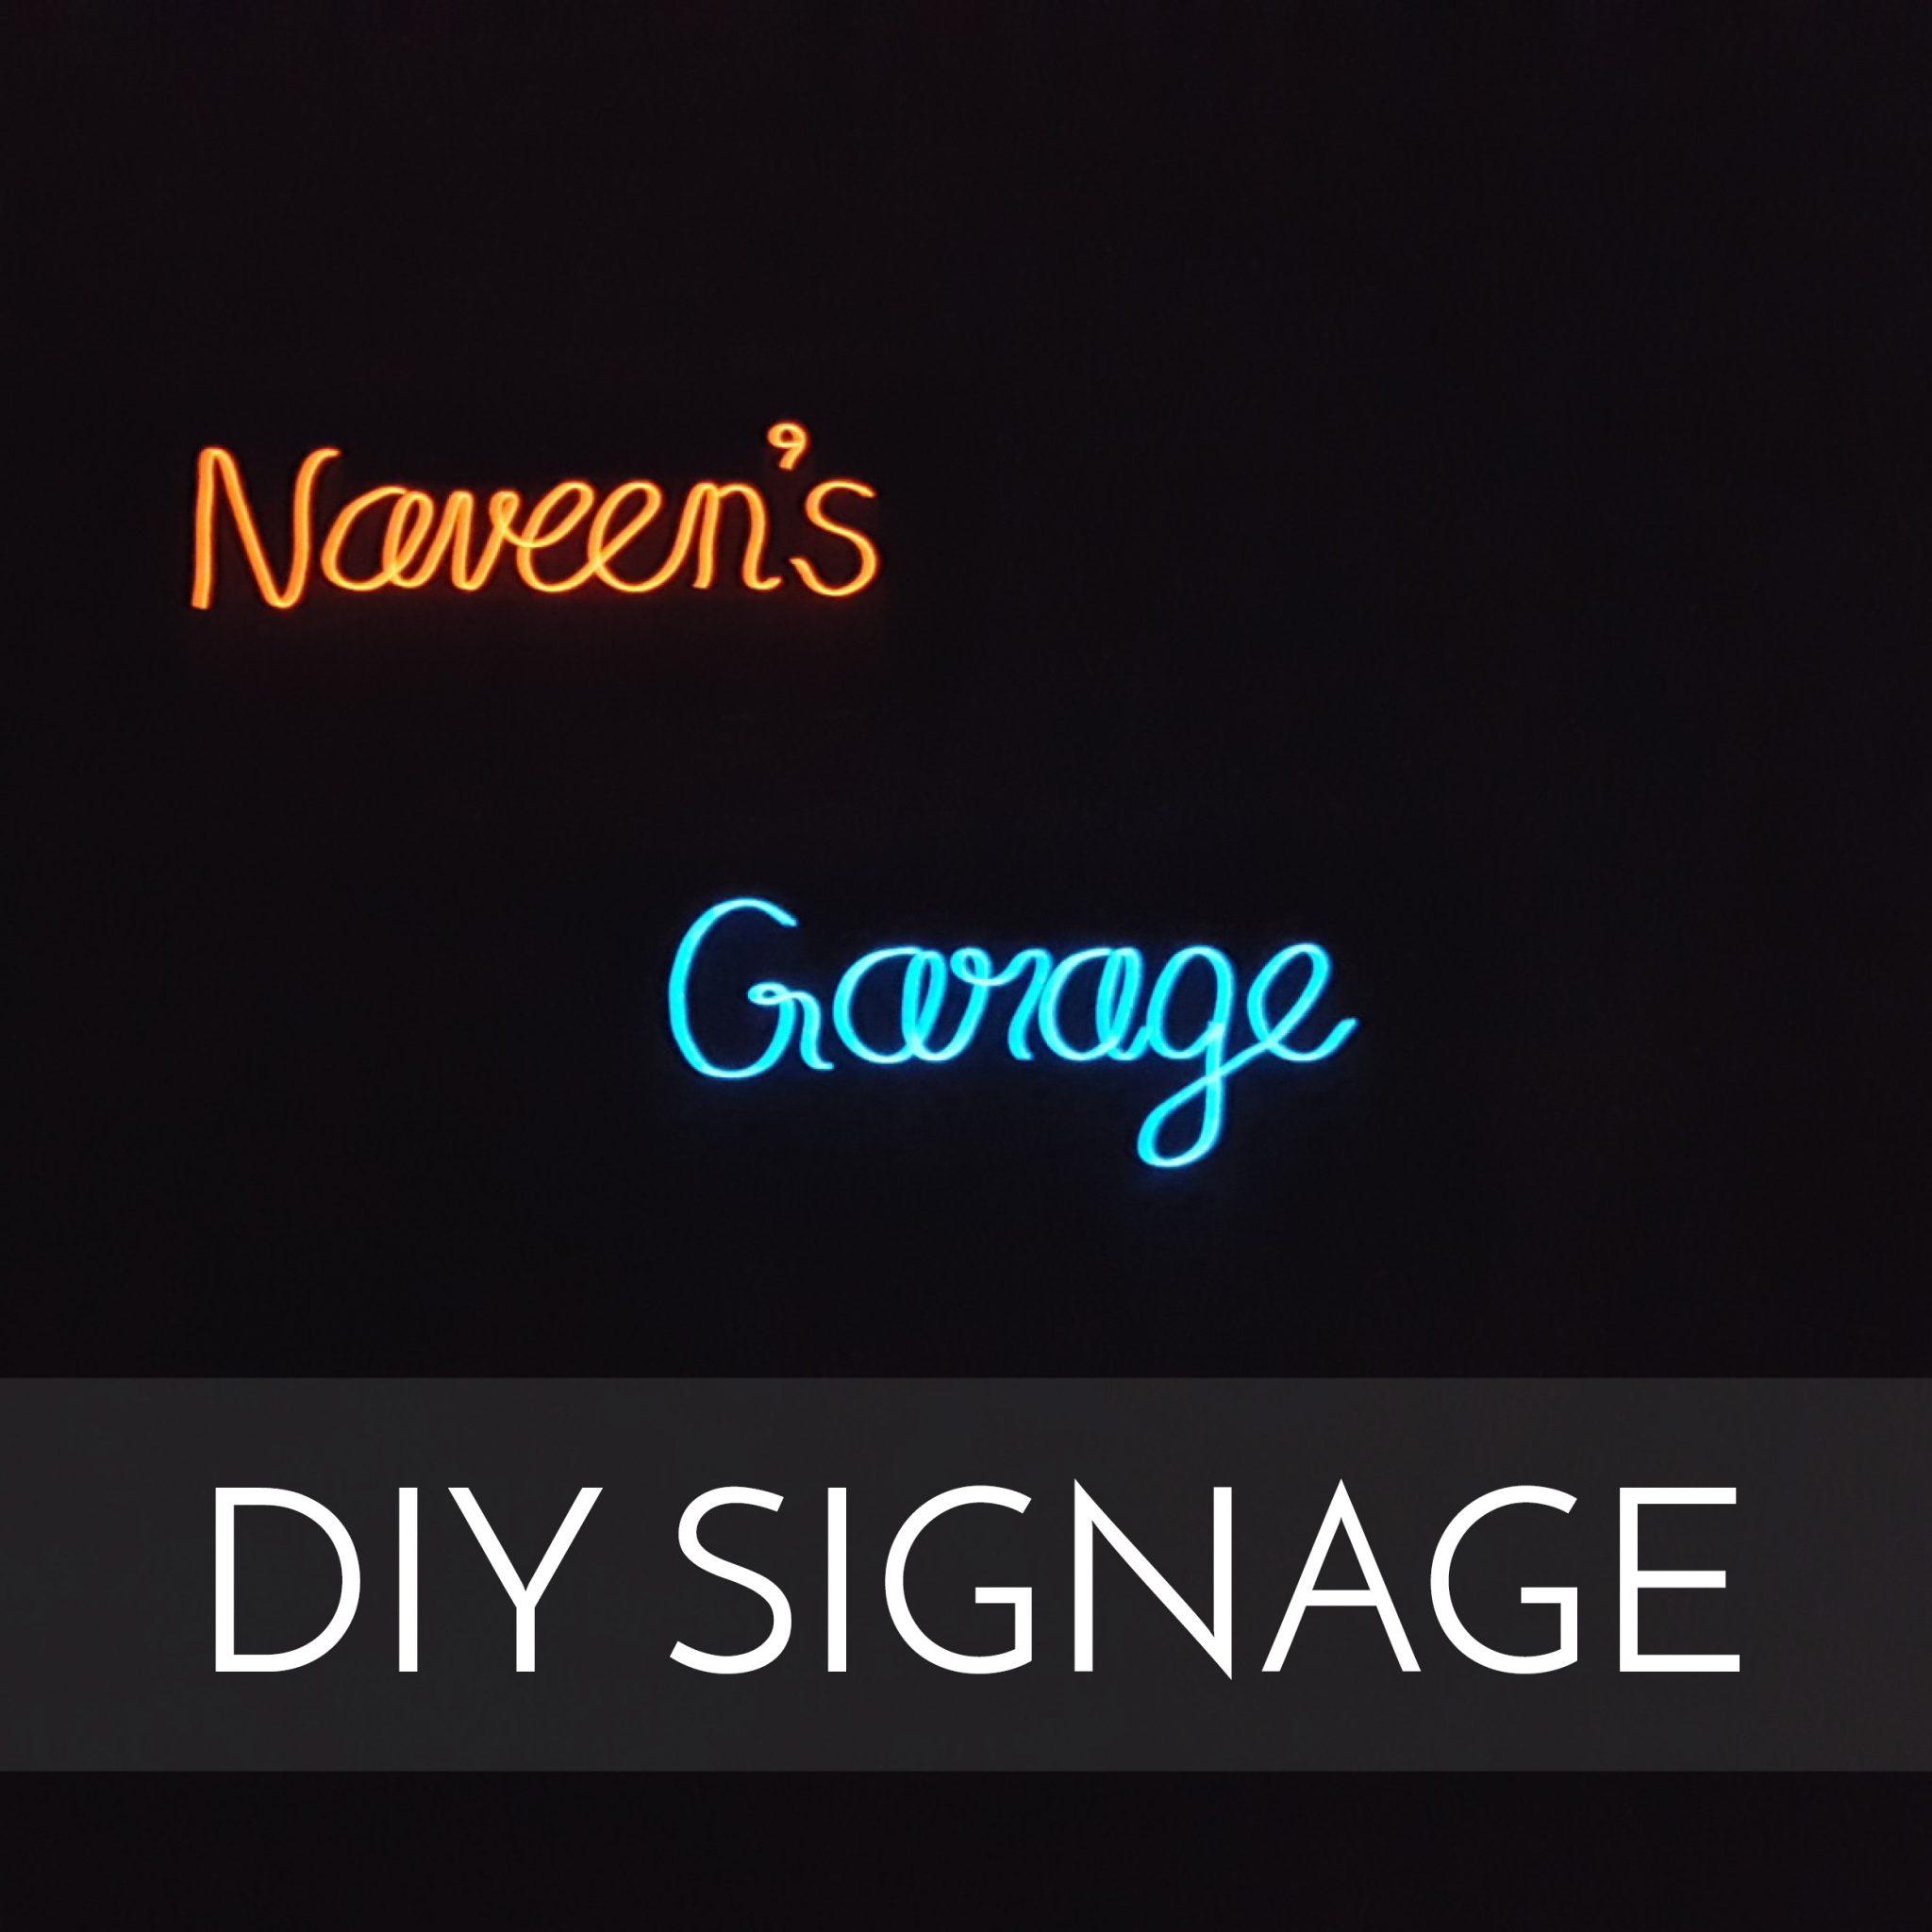 Neon signage light